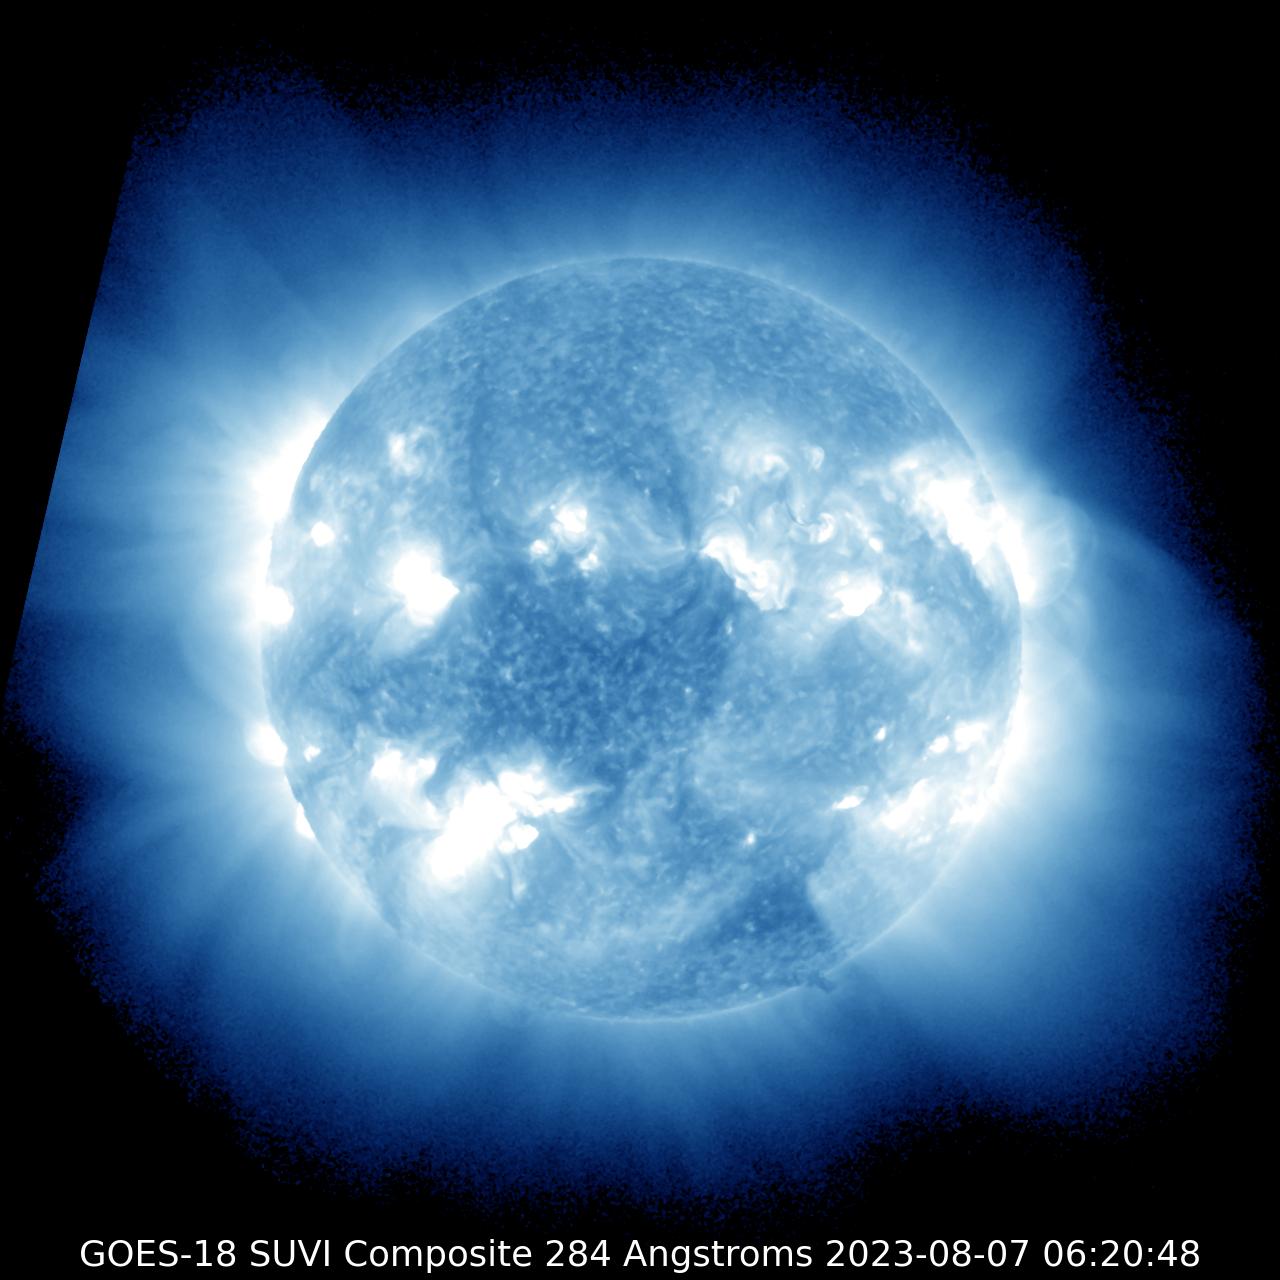 GOES-17 SUVI 284